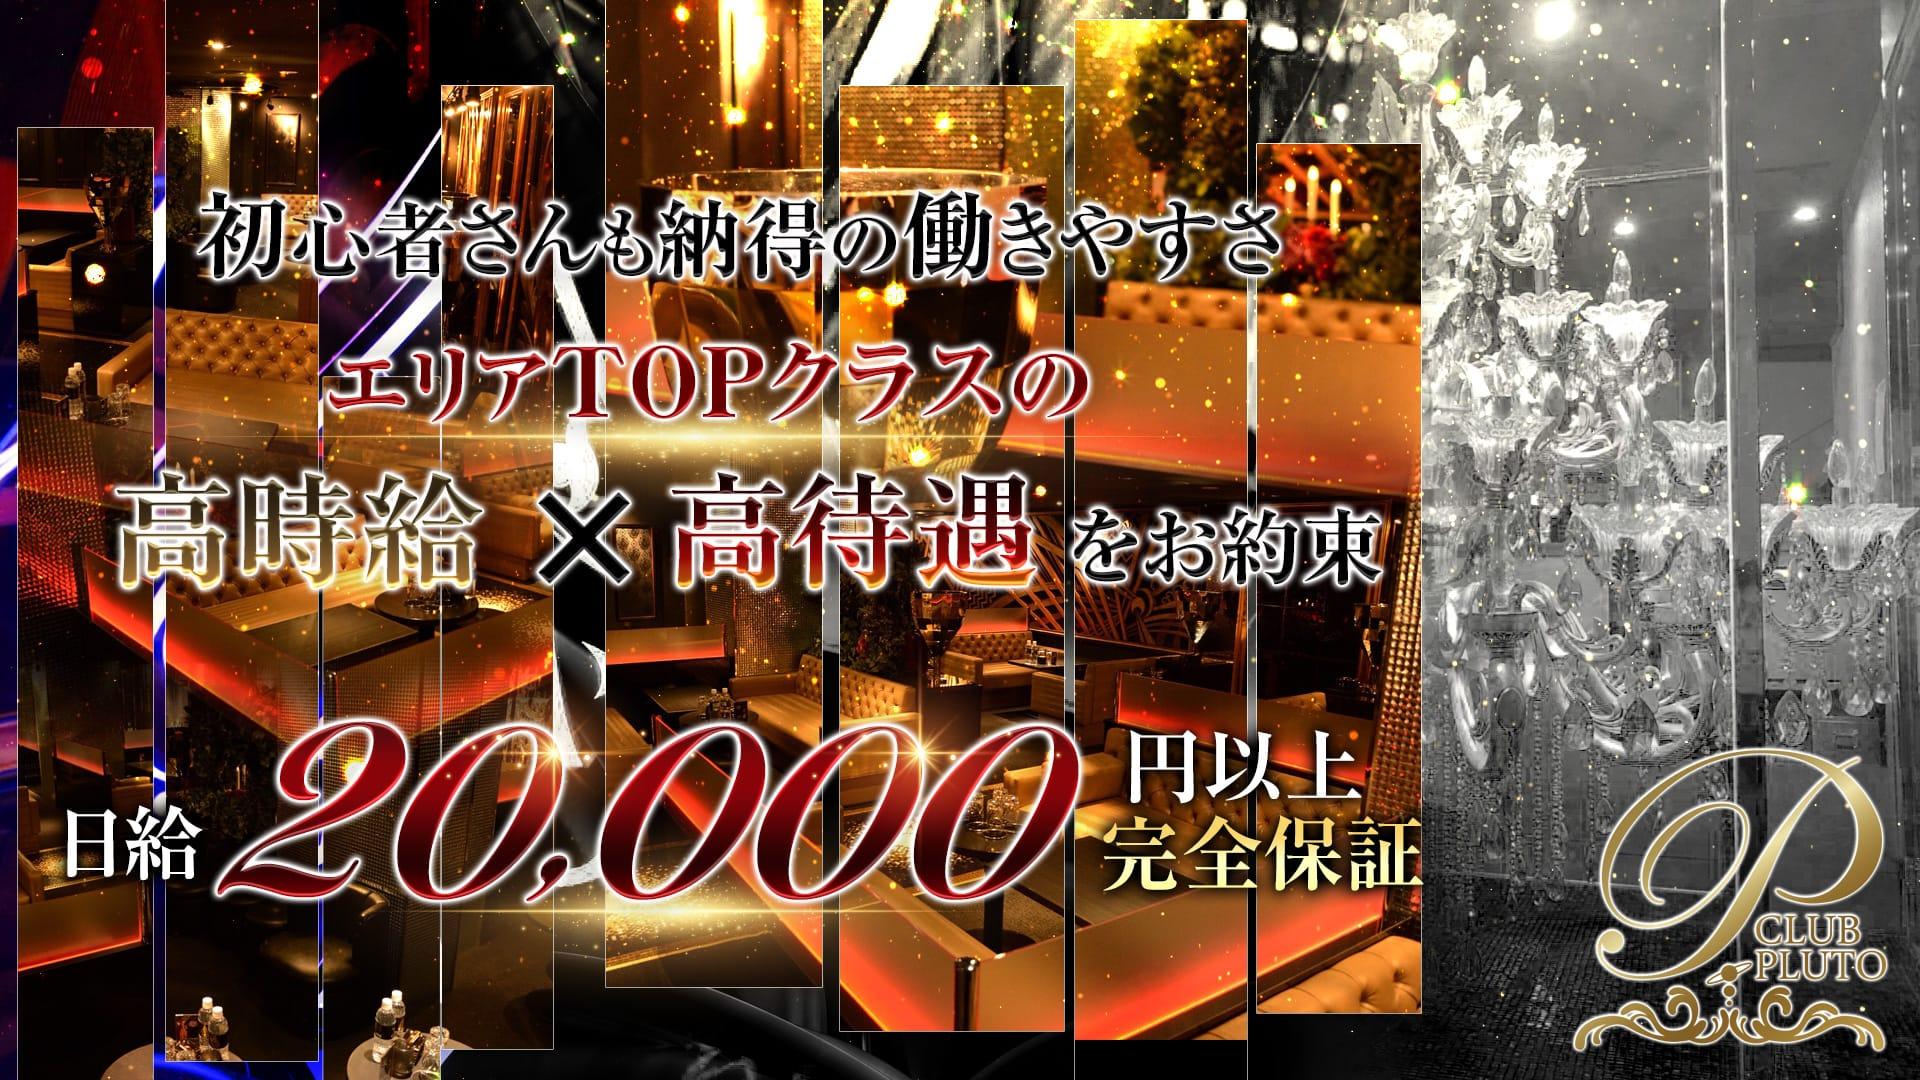 PLUTO(プルート)【公式求人・体入情報】 中洲ニュークラブ TOP画像